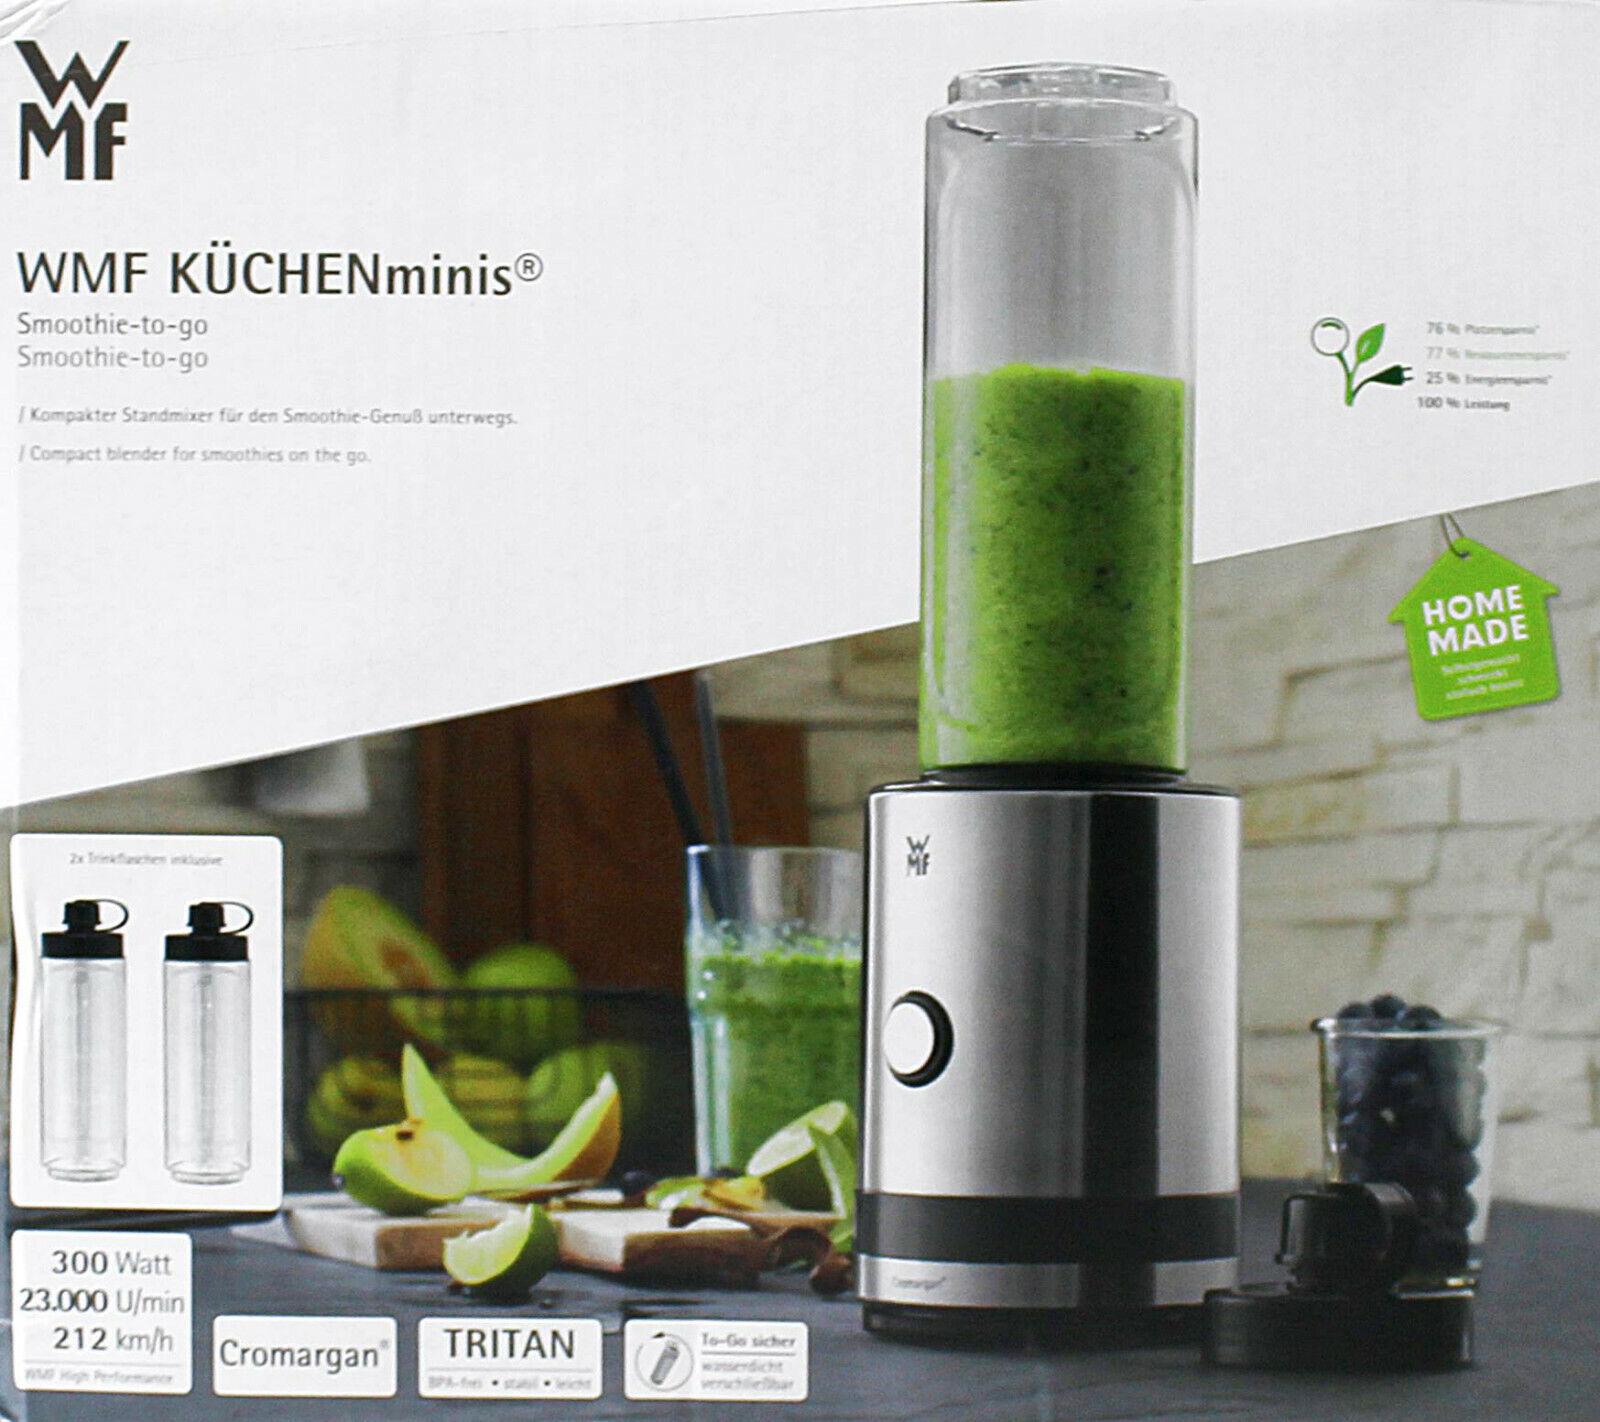 WMF Küchenminis Smoothie-to-go Standmixer (MZ60U12)